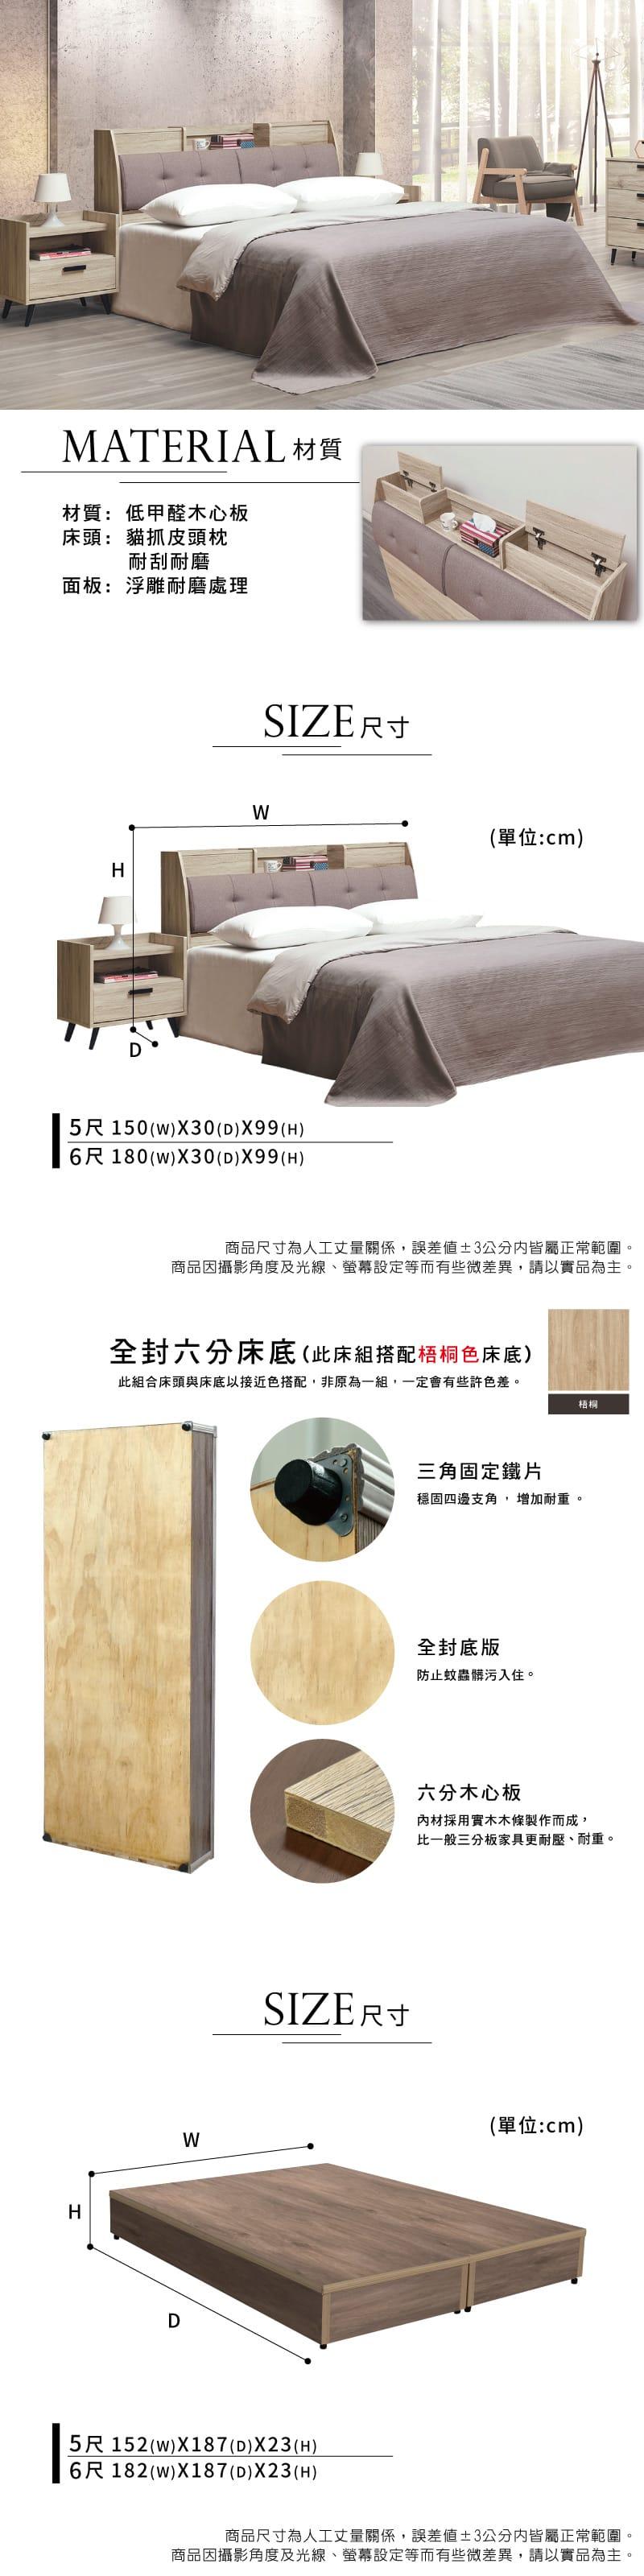 貓抓皮收納床組兩件 雙人5尺(床頭箱+床底)【威力】